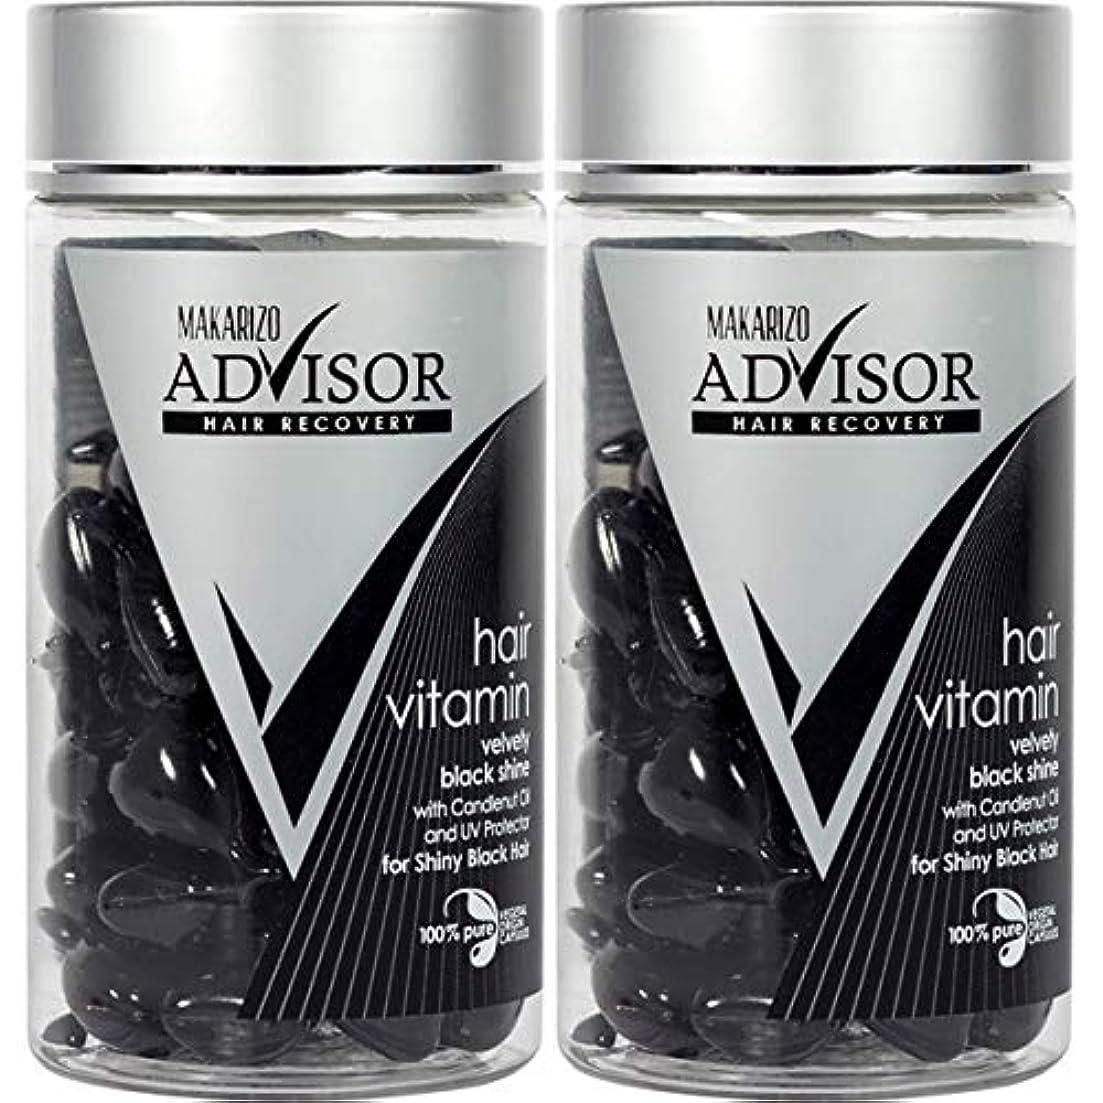 革命大宇宙溢れんばかりのMAKARIZO マカリゾ Advisor アドバイザー Hair Vitamin ヘアビタミン 50粒入ボトル×2個セット Velvety Black Shine ブラック [海外直送品]